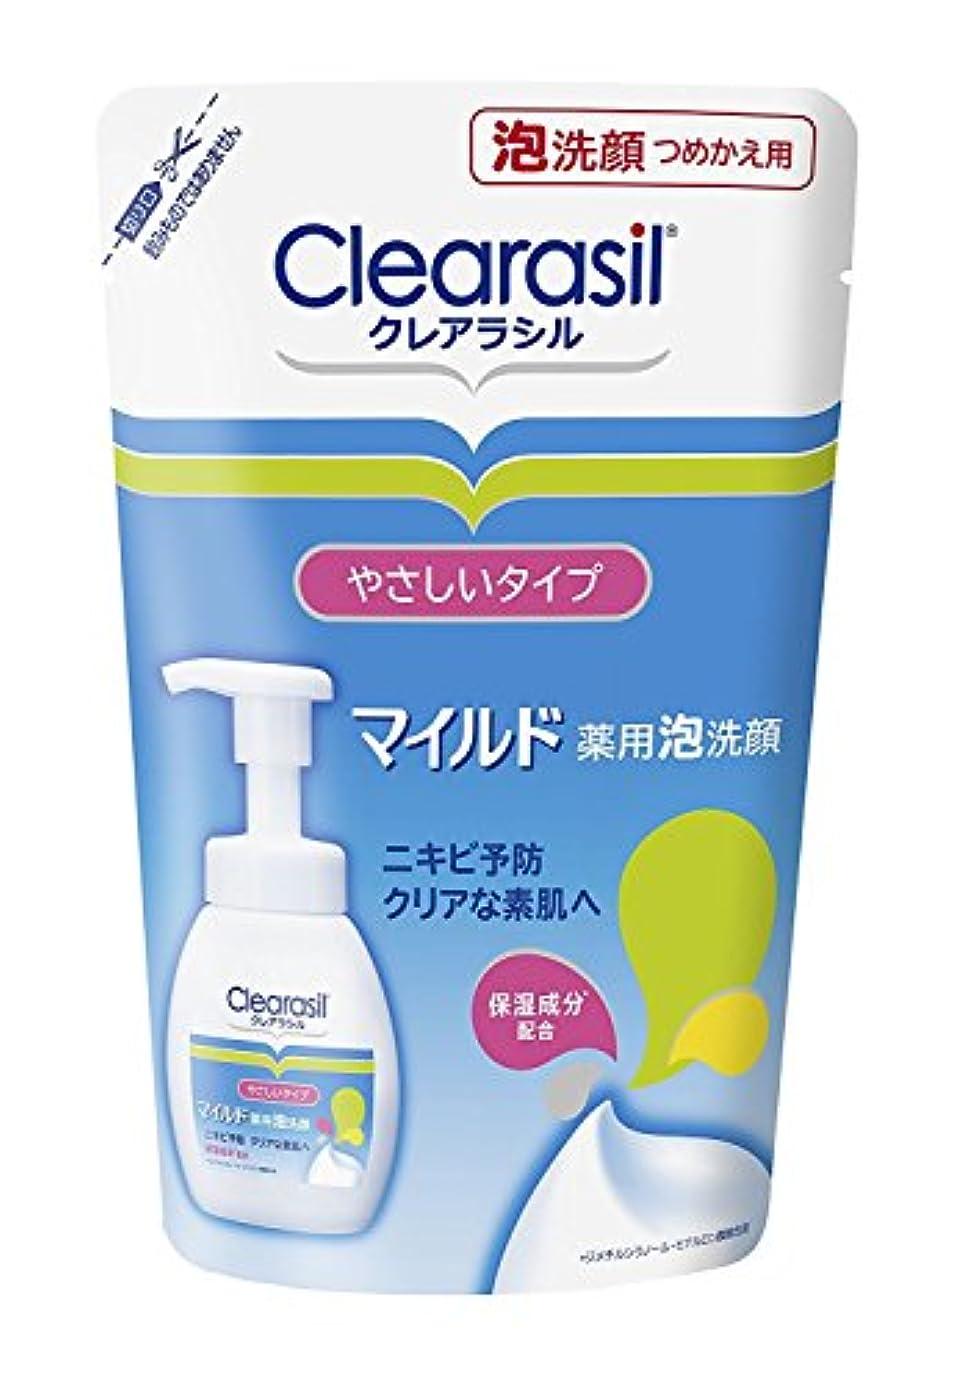 修士号メルボルン比較的【clearasil】クレアラシル 薬用泡洗顔フォーム(マイルドタイプ) つめかえ用 (180ml) ×10個セット